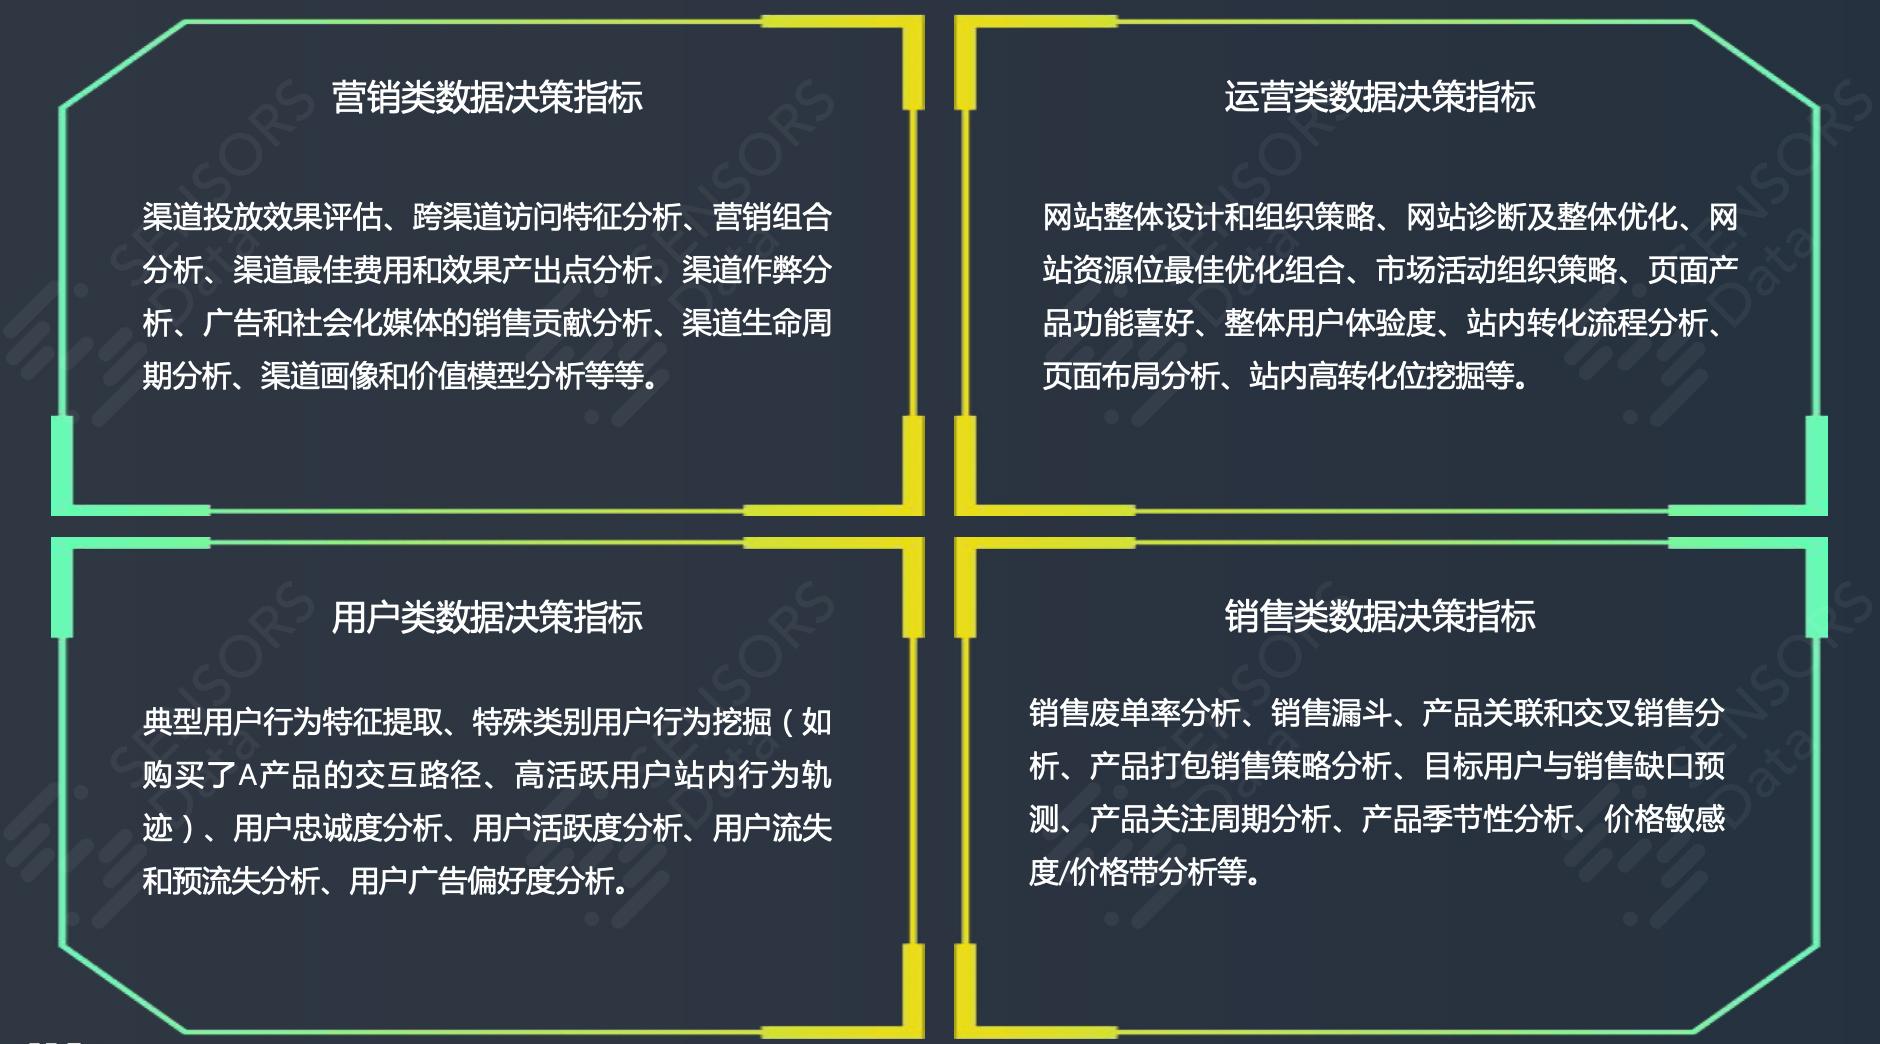 SaaS 市场体系搭建和企业营销全漏斗改造(下)